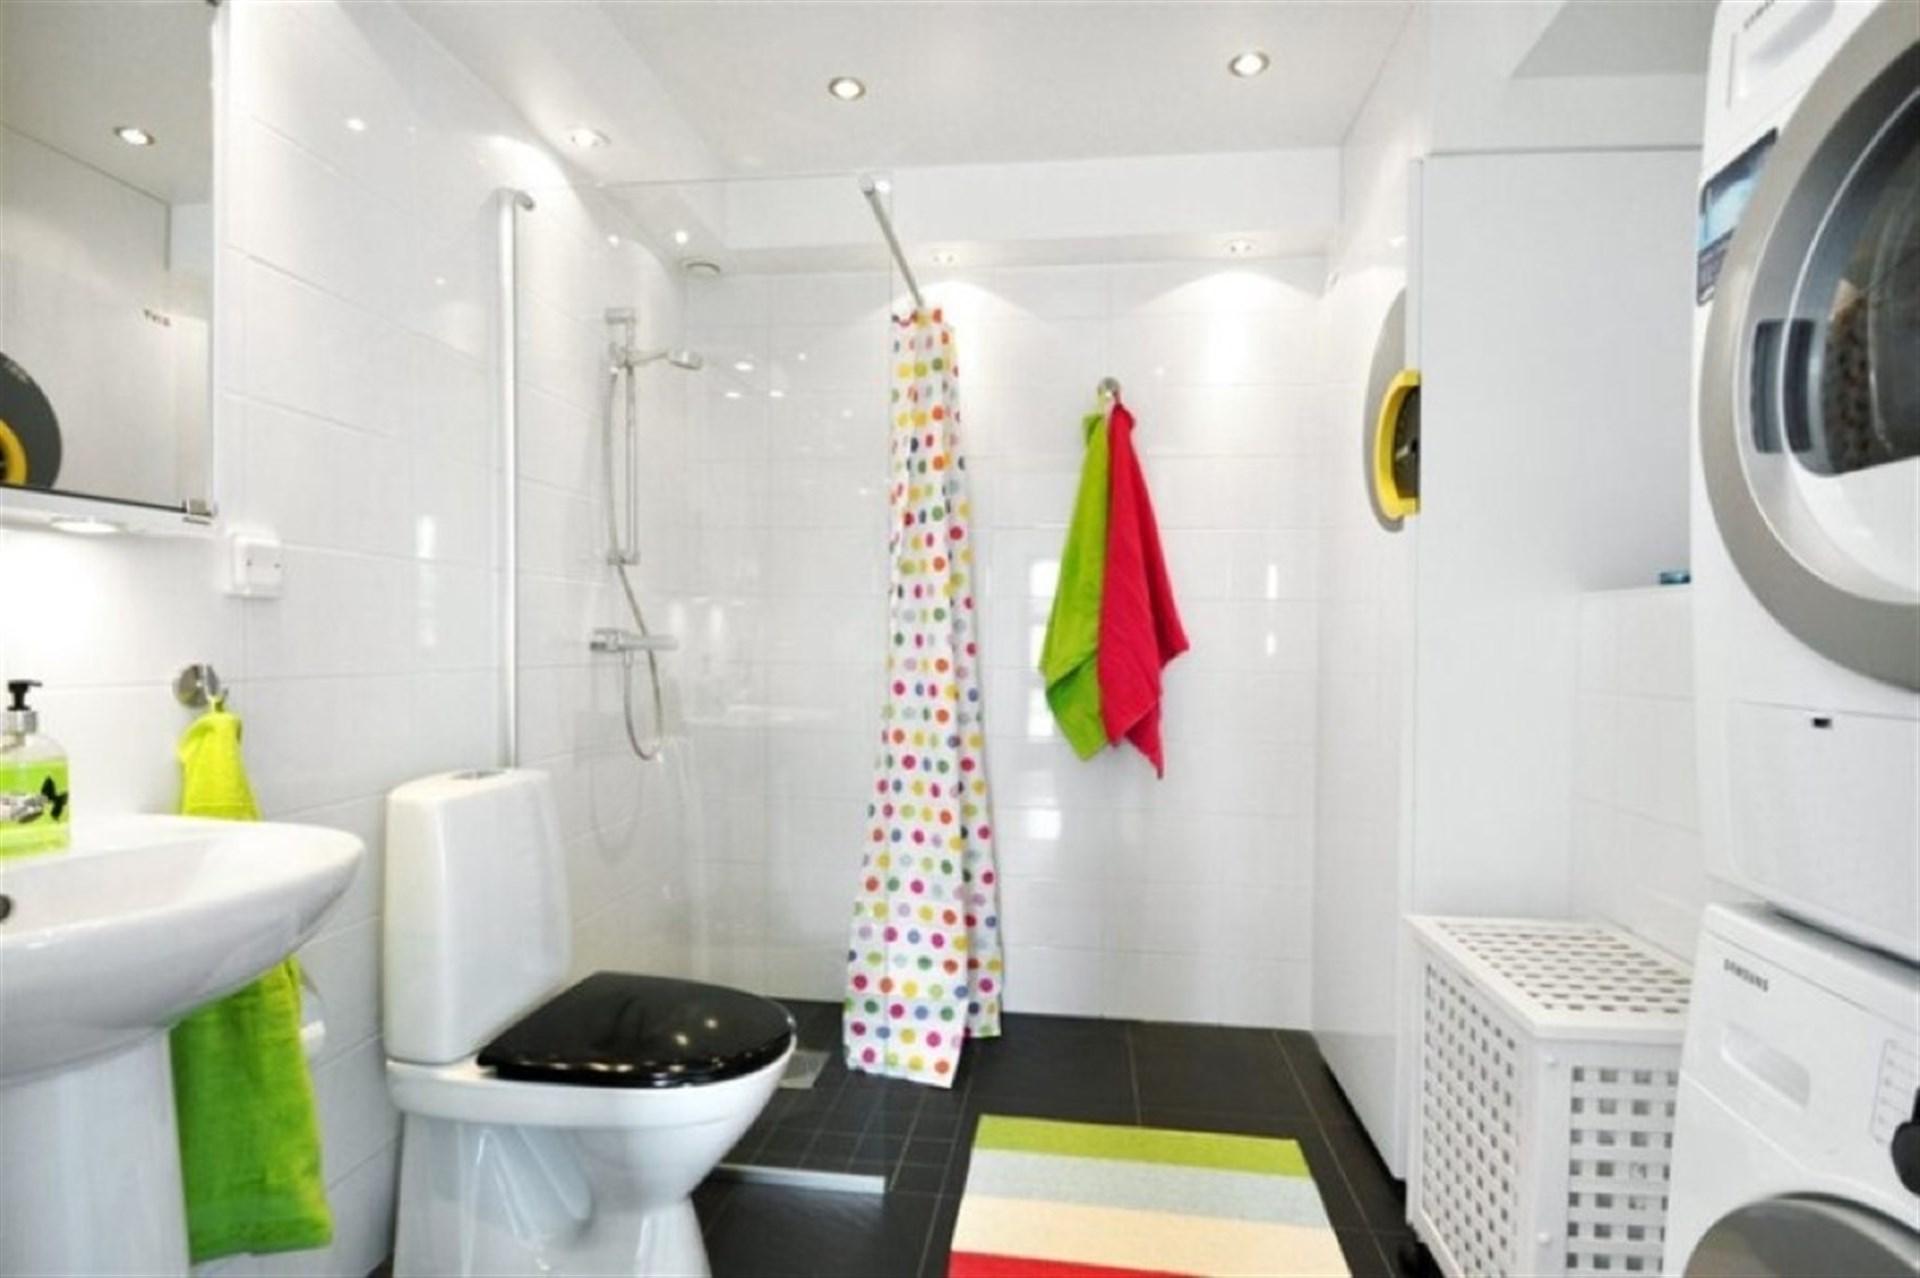 Duschrum med tvättmaskin och torktumlare